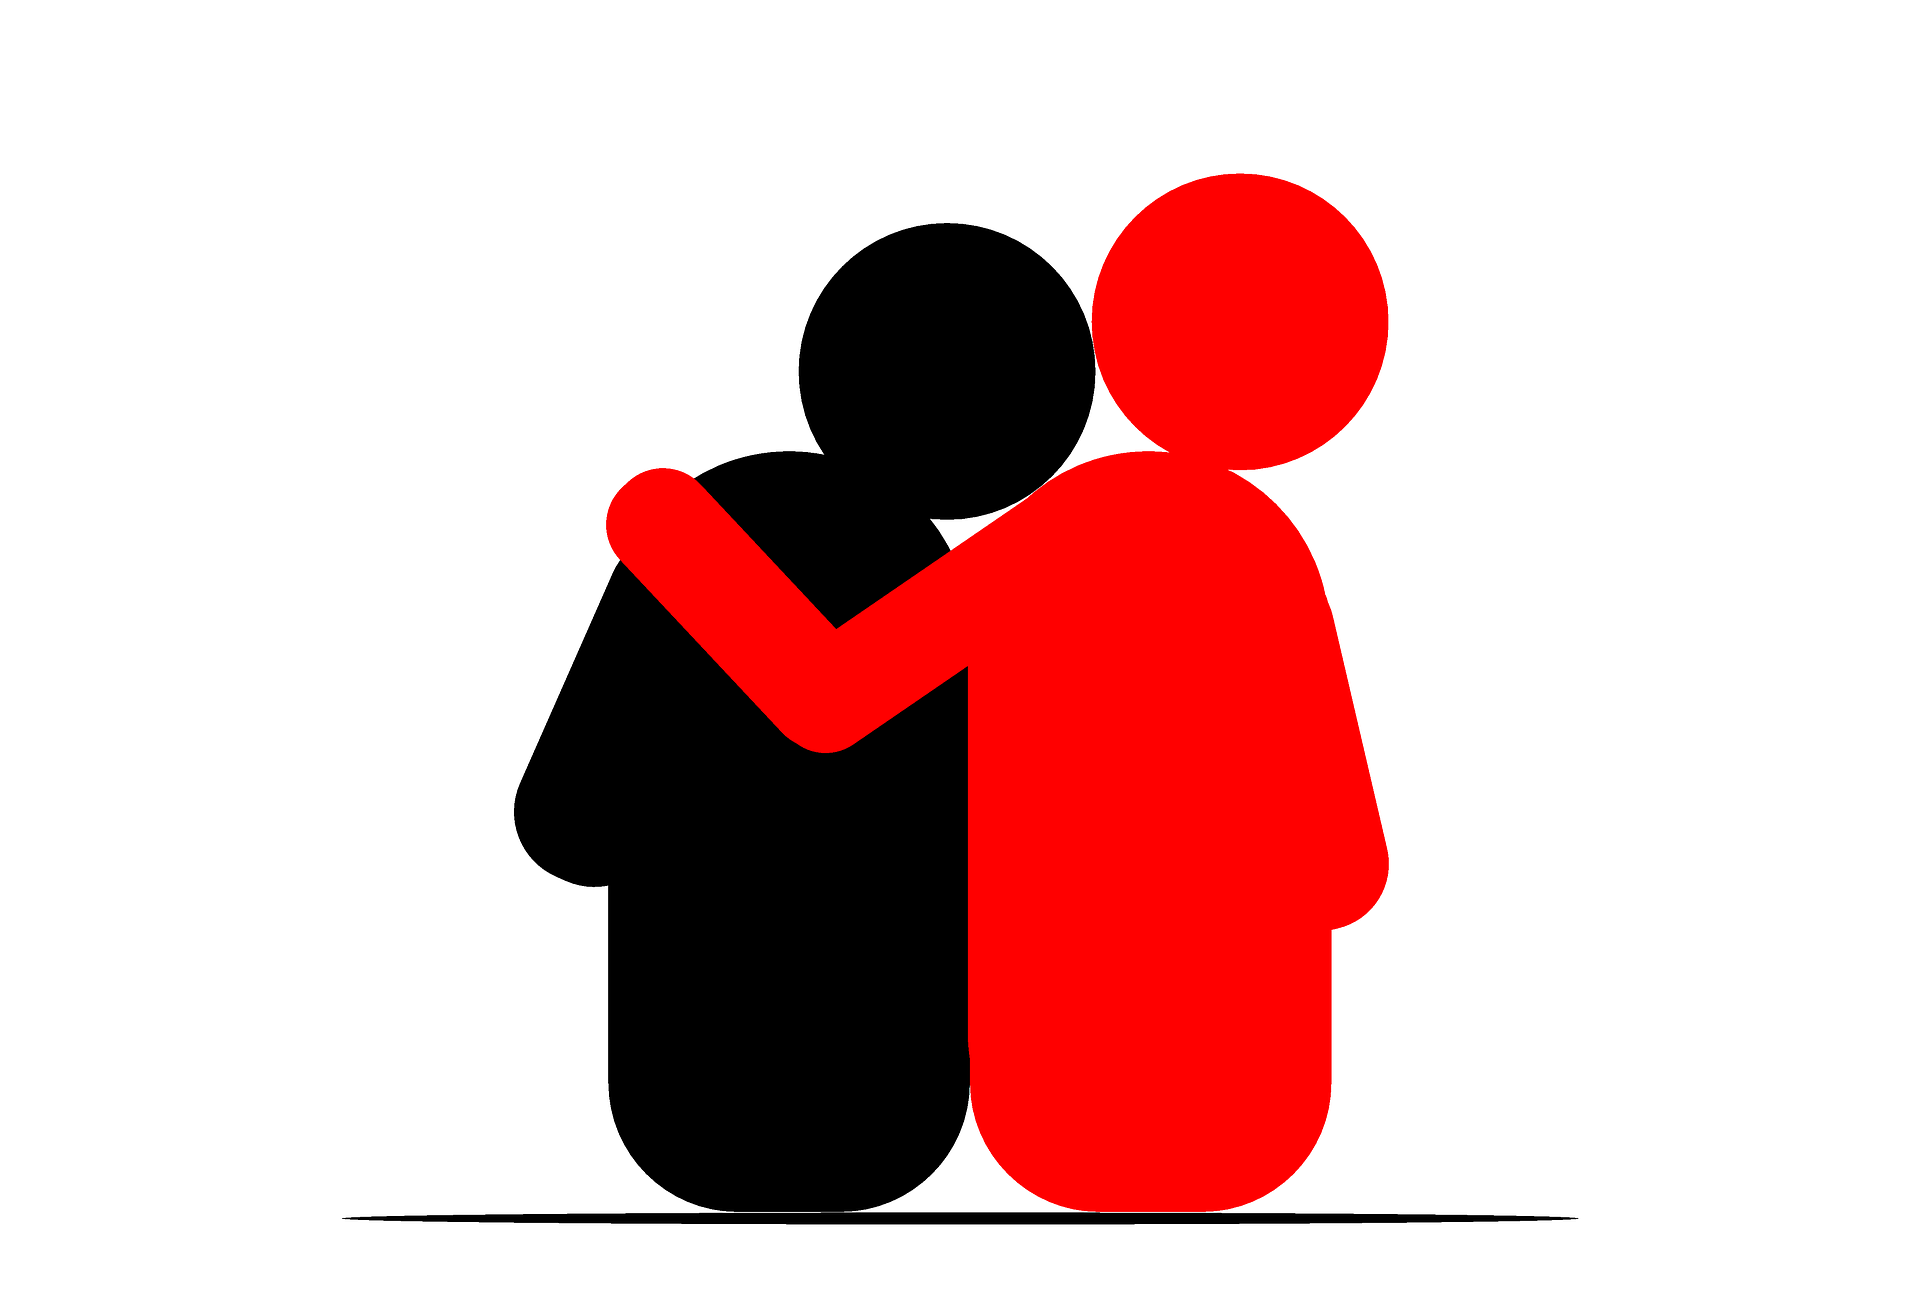 empathy, arm over shoulder showing support